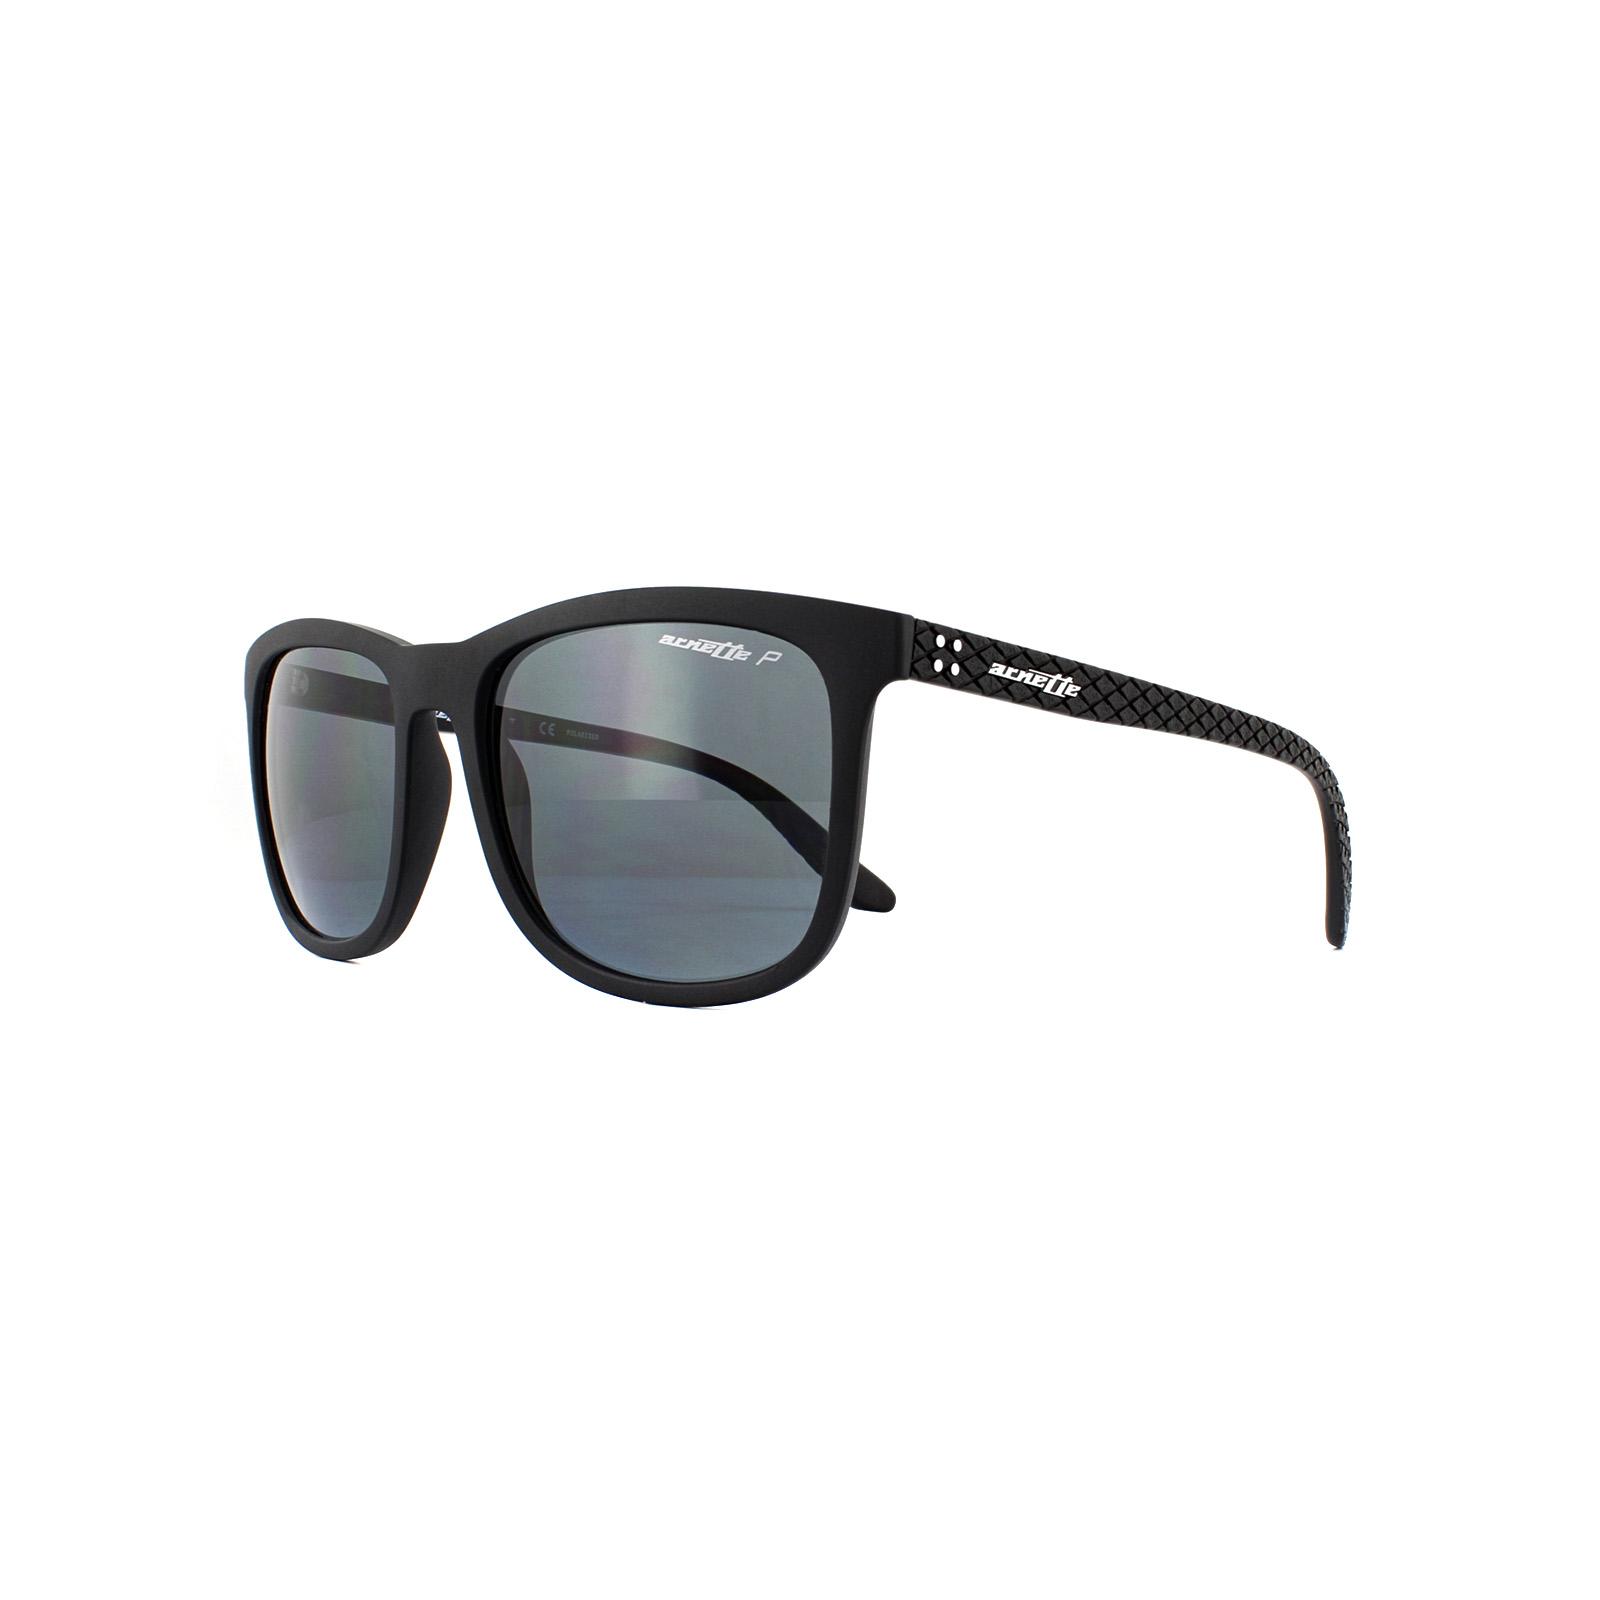 Sentinel Arnette Sunglasses Chenga 4240 01 81 Matte Black Grey Polarized 32309c5fe3